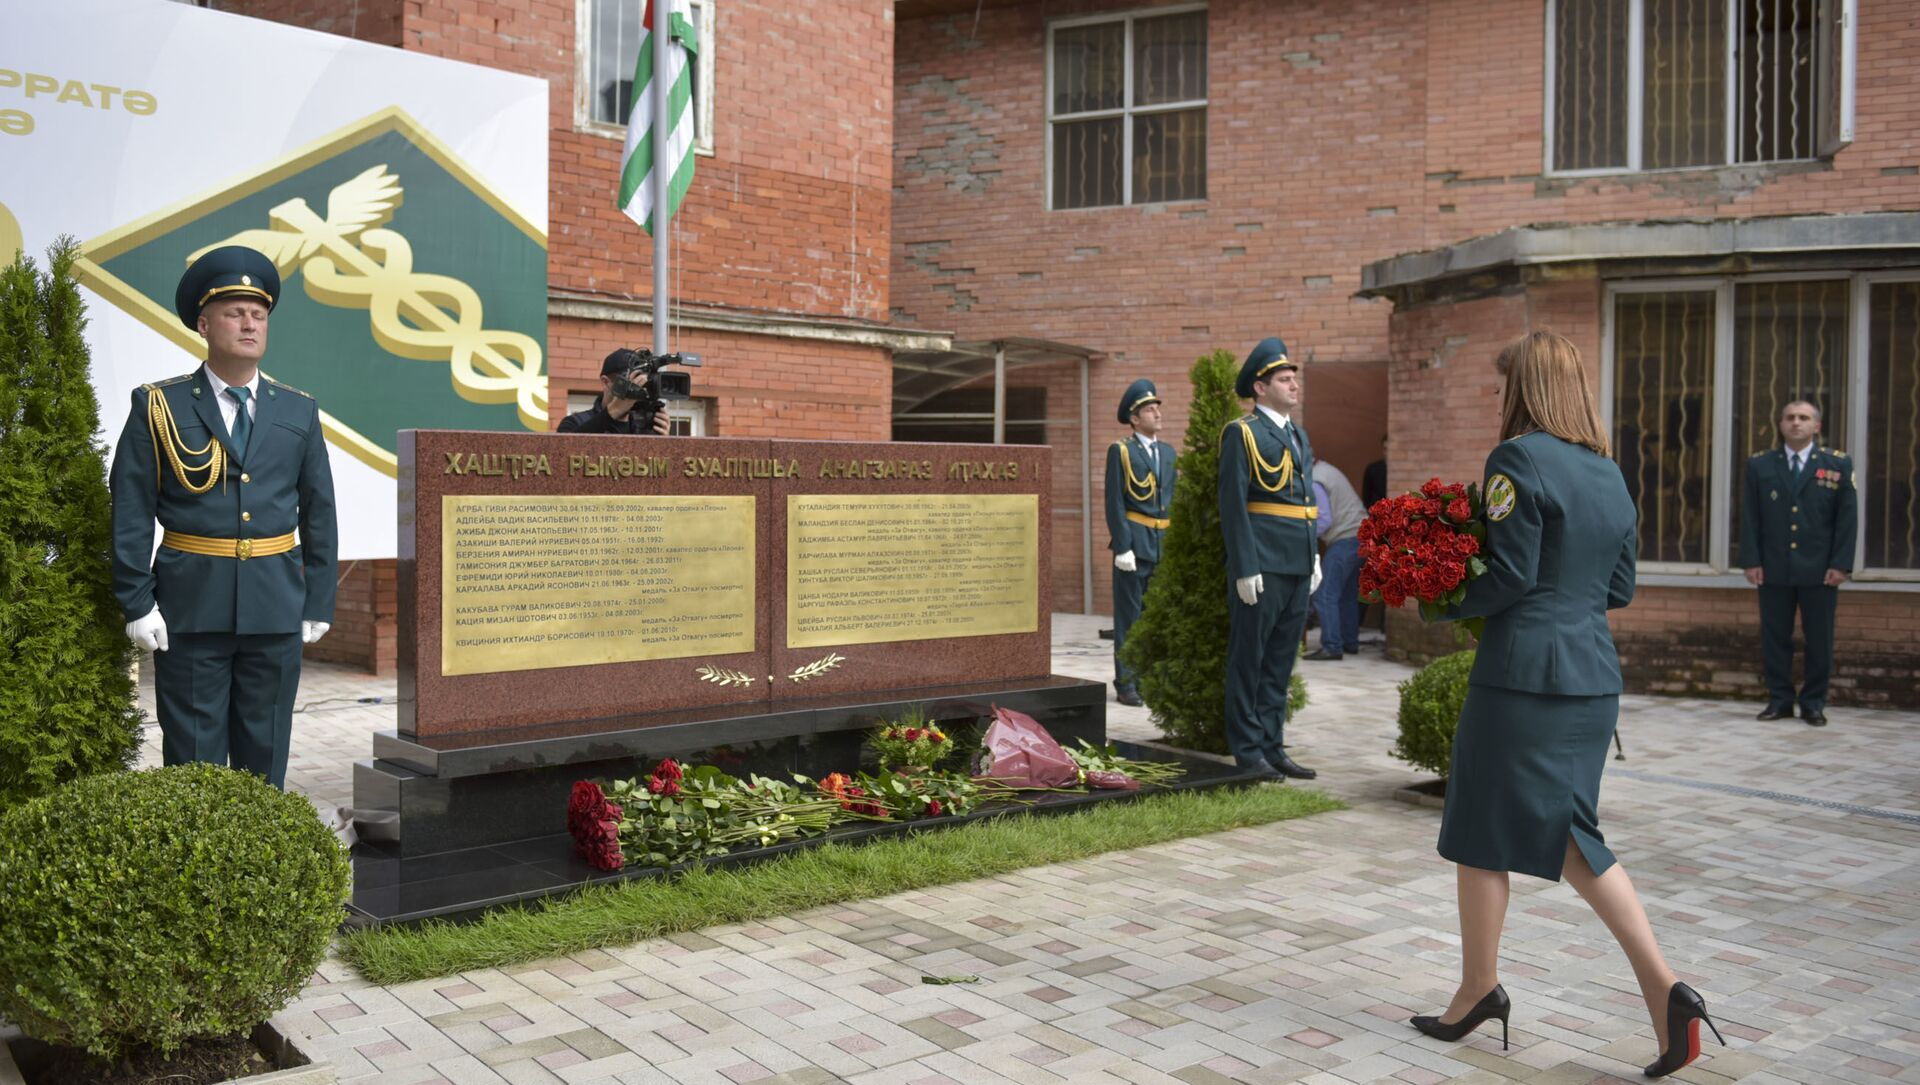 Памятник погибшим сотрудникам открыли в Государственном таможенном комитете - Sputnik Абхазия, 1920, 27.09.2021